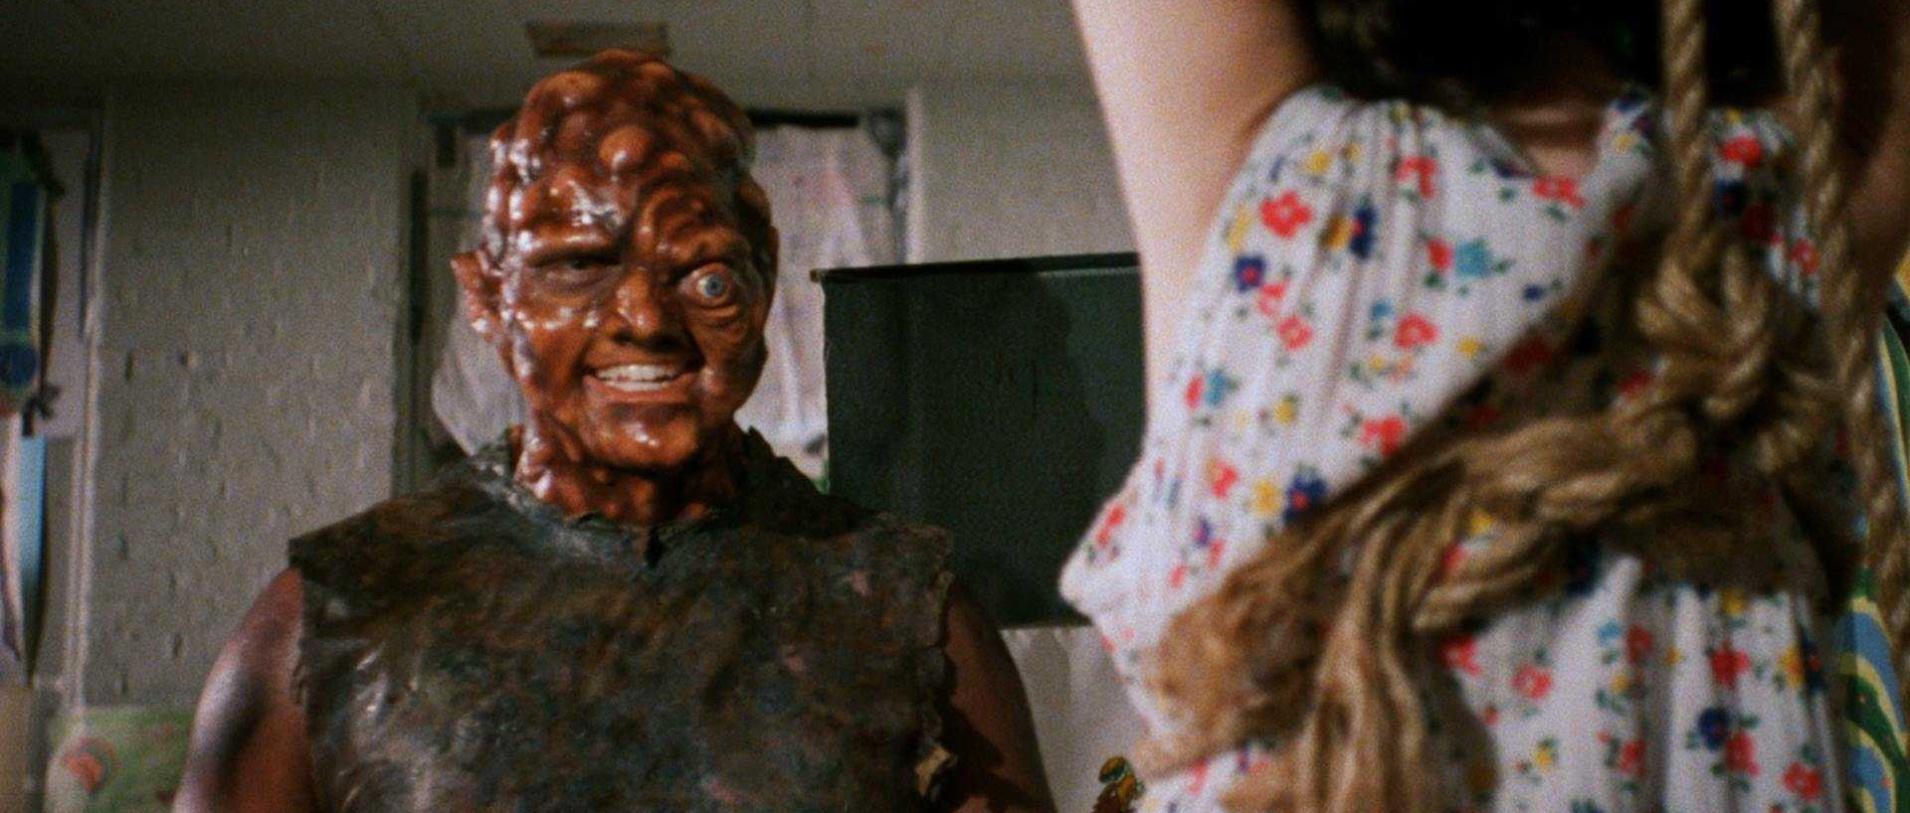 Toxic Avenger (1984) - Troma Entertainment